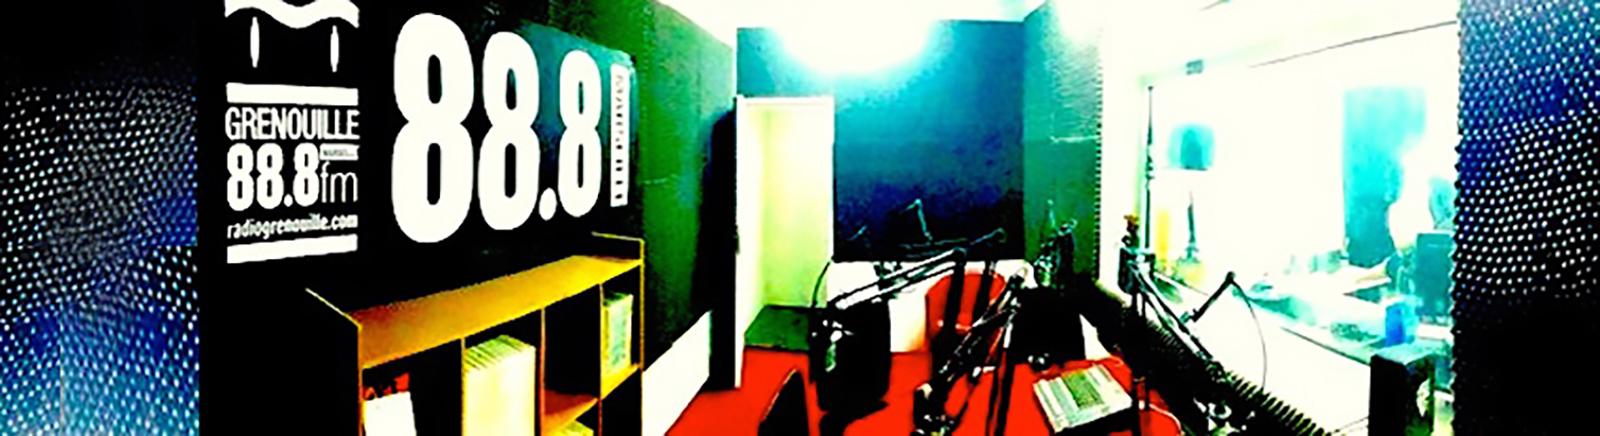 Locaux radio grenouille 88.8